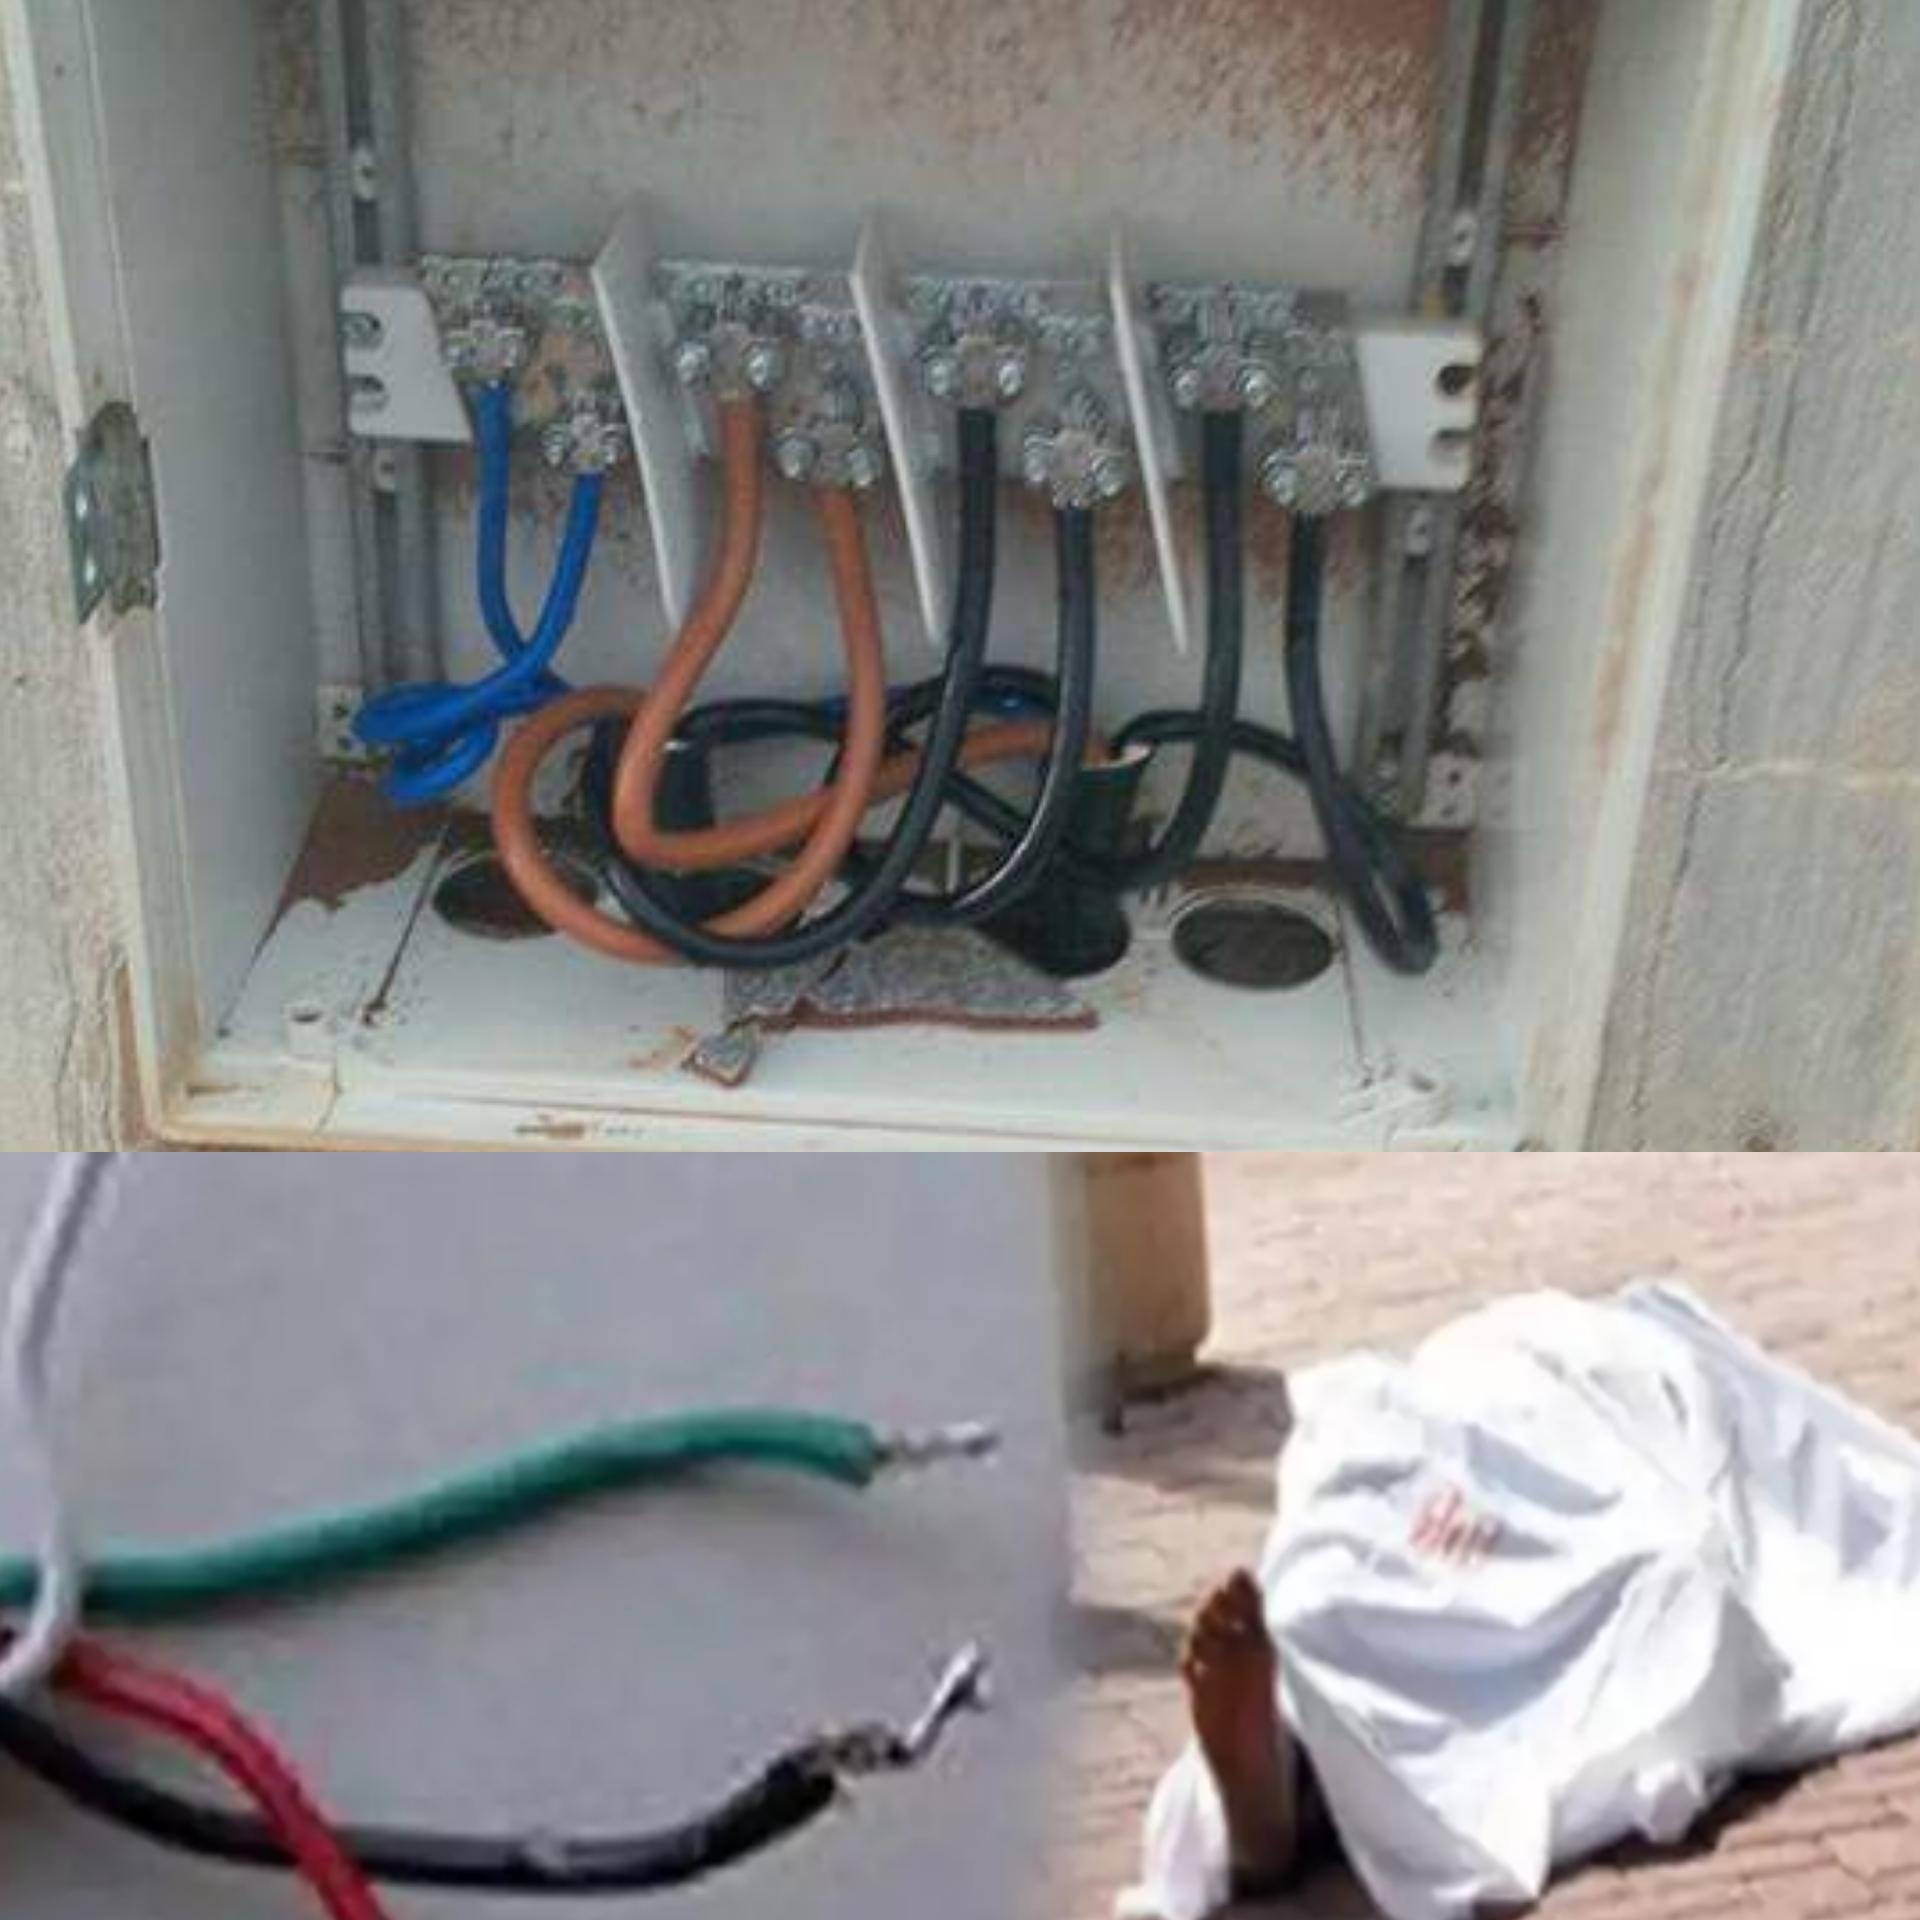 وفاة طفل صعقًا بالكهرباء بتجزئة سيدي سليمان شراعة